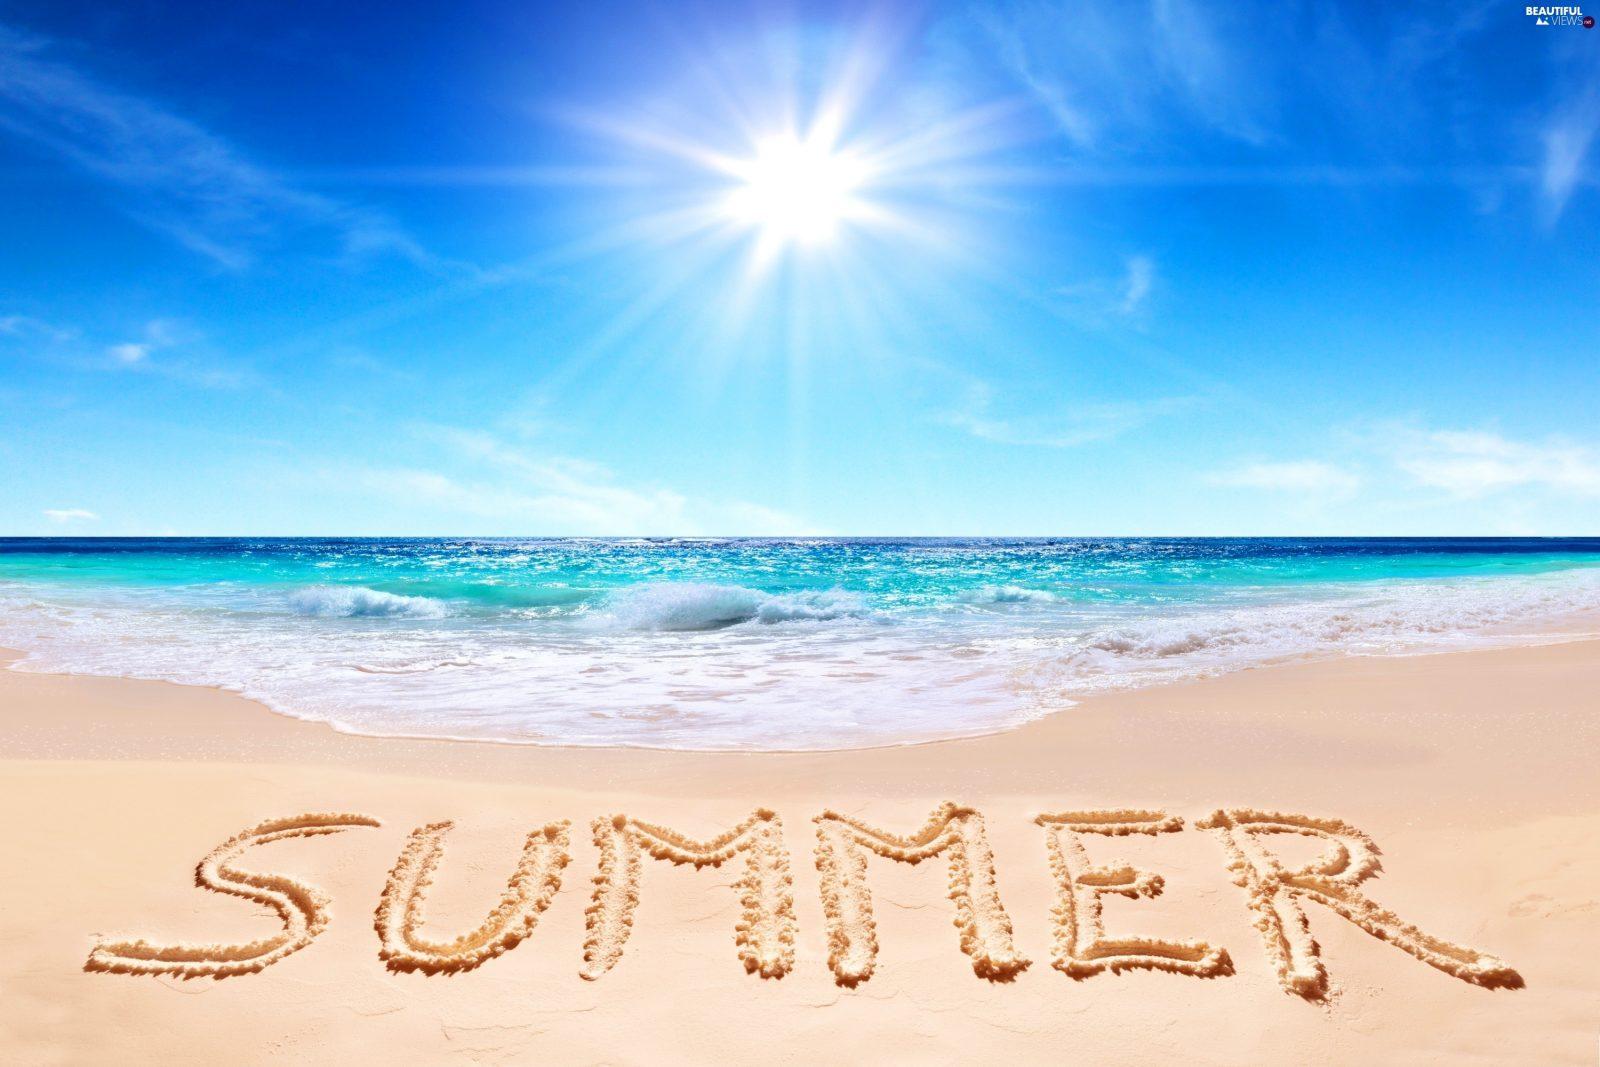 Letovanje, leto, hoteli na plaži, apartmani Grcka, hoteli grcka, Turska avionom, Turska autobusom, letovanje Albanija, leto Bugarska